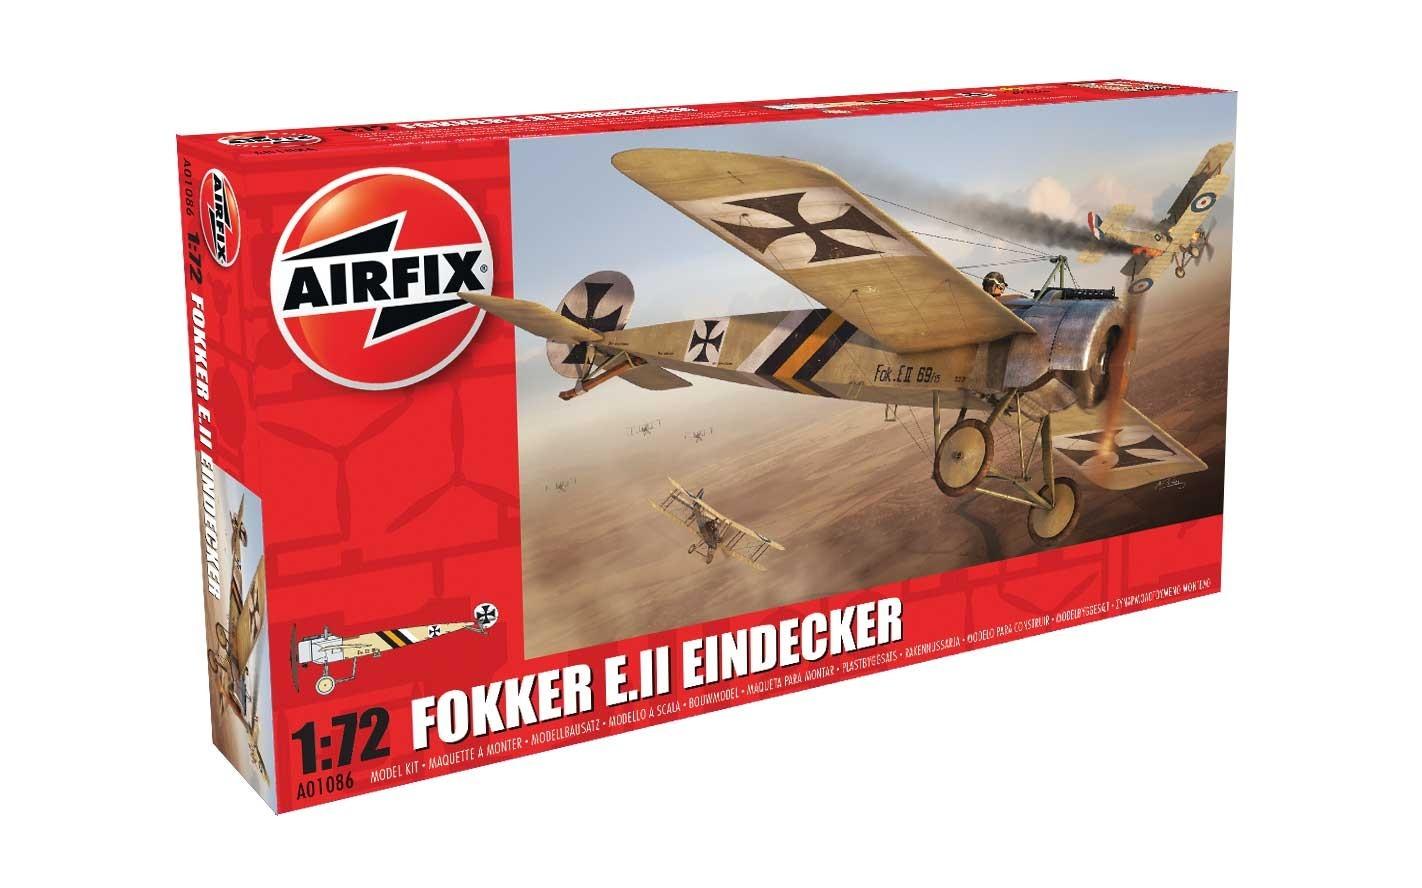 Airfix 1:72 Fokker EII Eindecker image